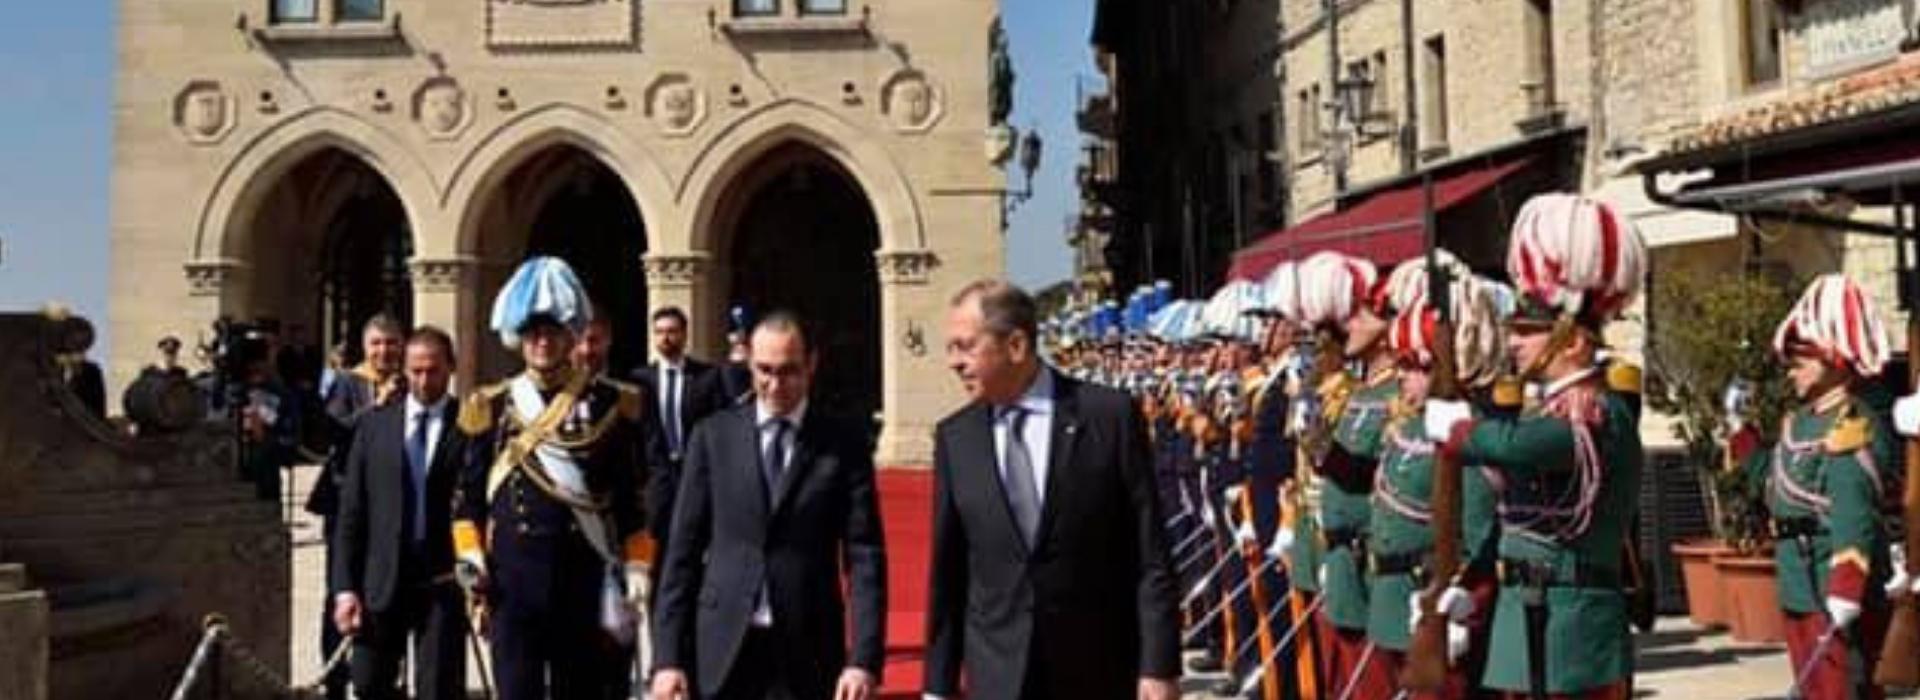 Visita ufficialedel Gruppo EFTA del Consiglio dell'Unione europea edel Ministro degli Esteri della Federazione Russa,Sergej Lavrov